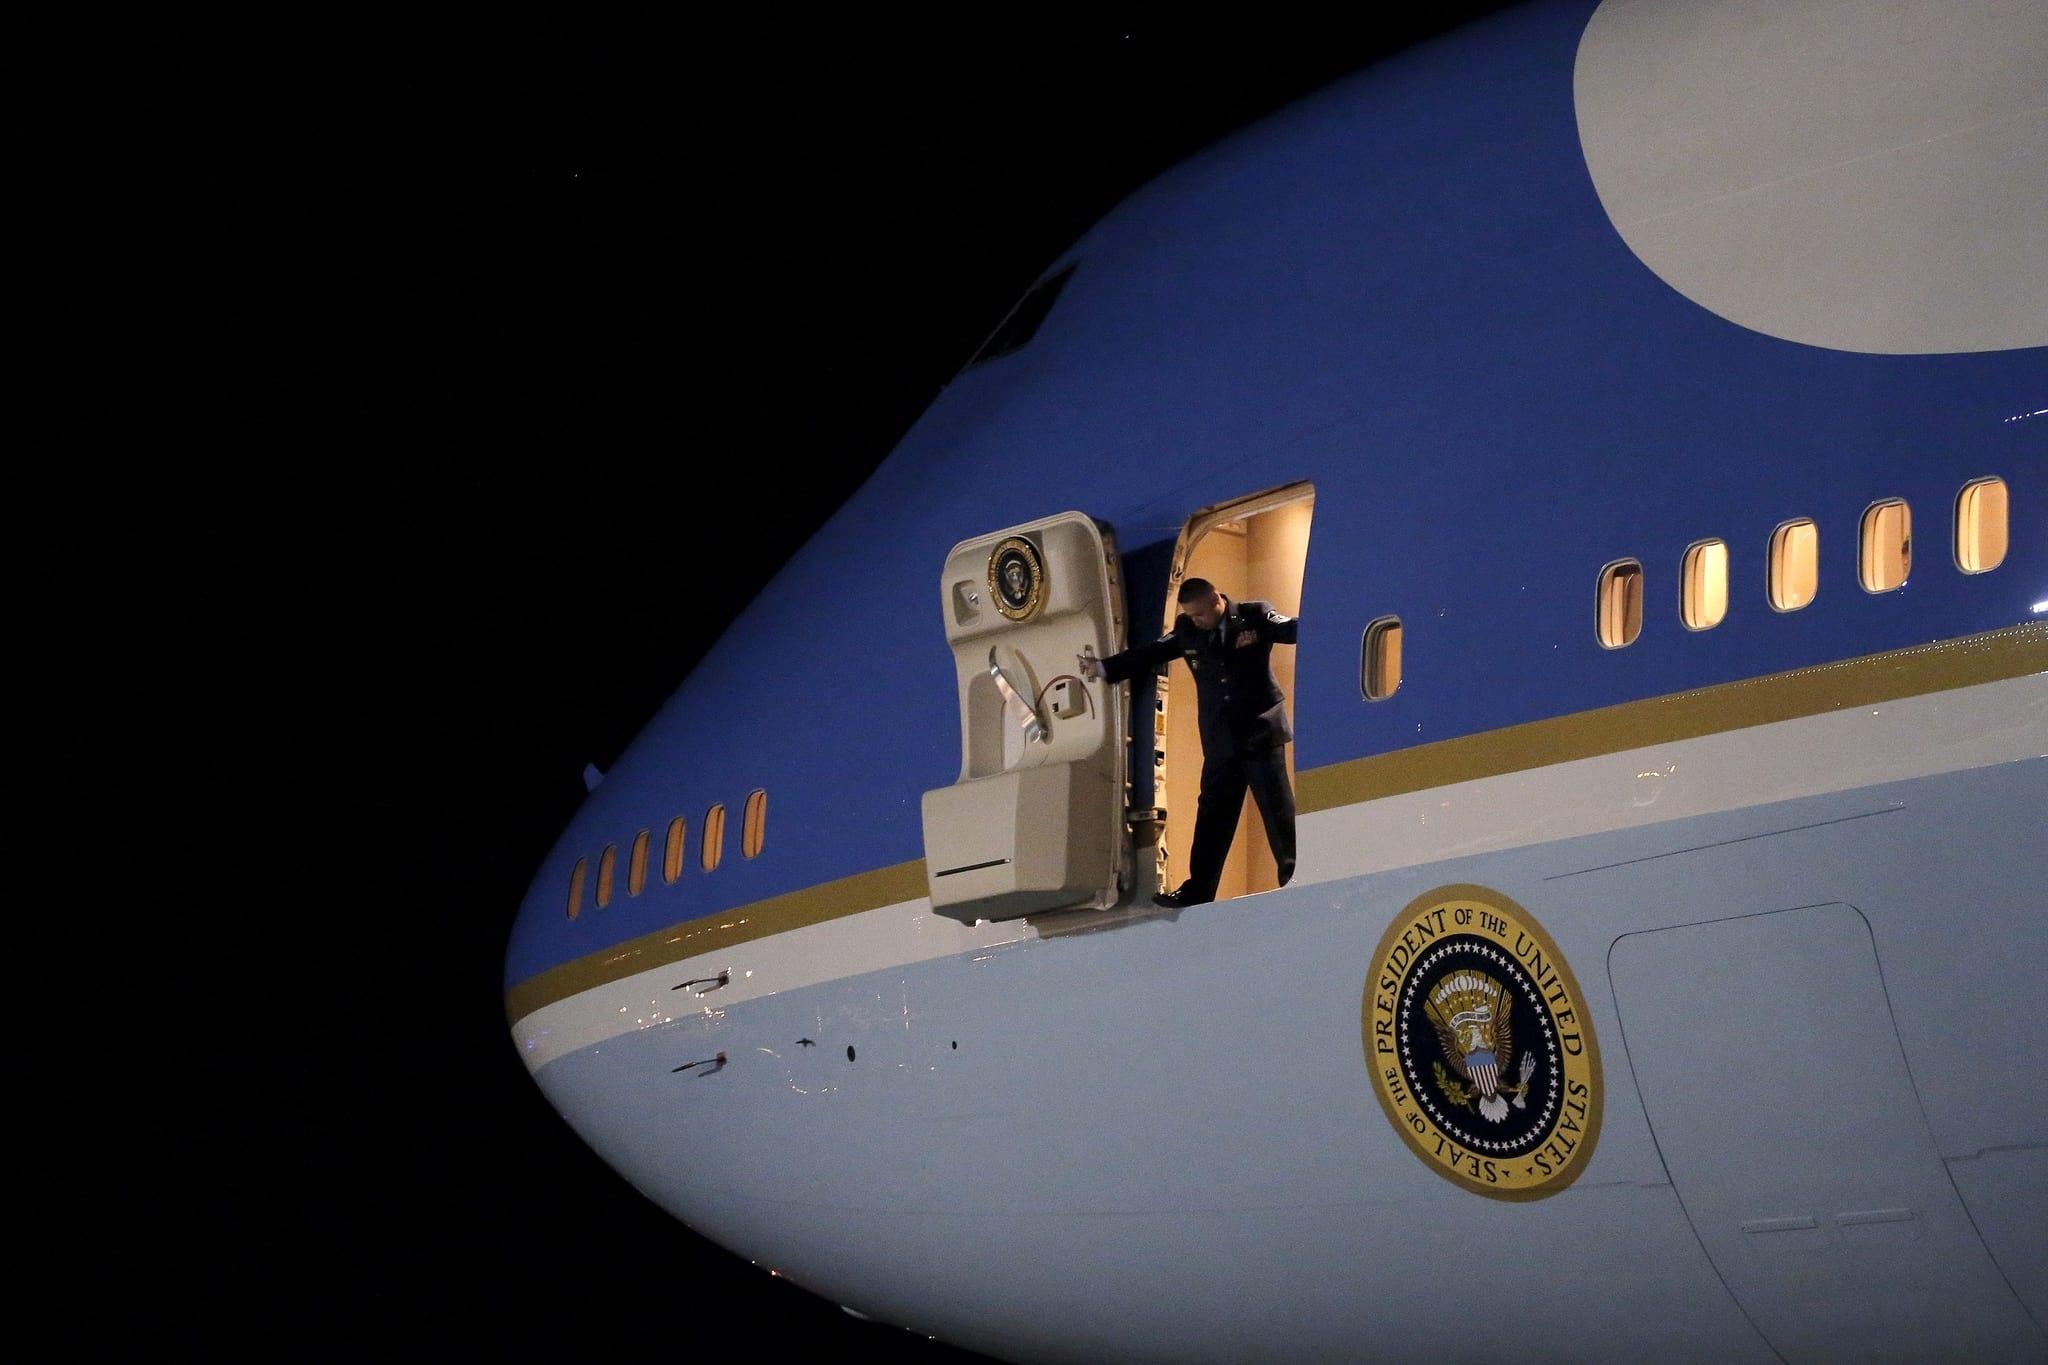 PÚBLICO - Trump pede cancelamento do novo <i>Air Force One</i>